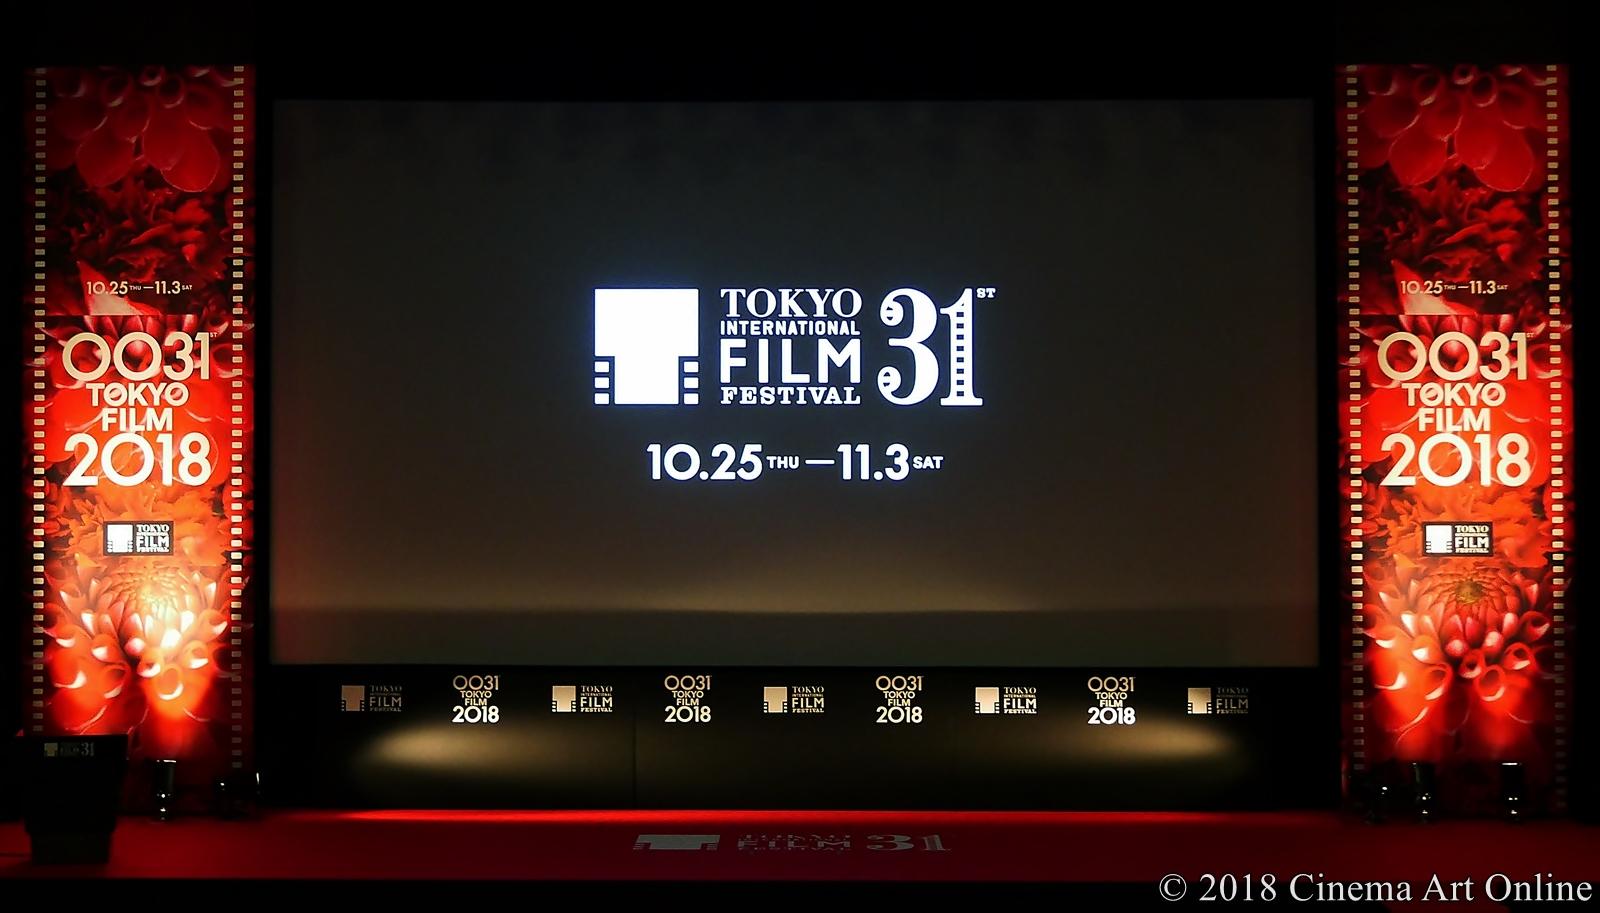 【写真】第31回 東京国際映画祭(TIFF) アウォード・セレモニー (ステージ)